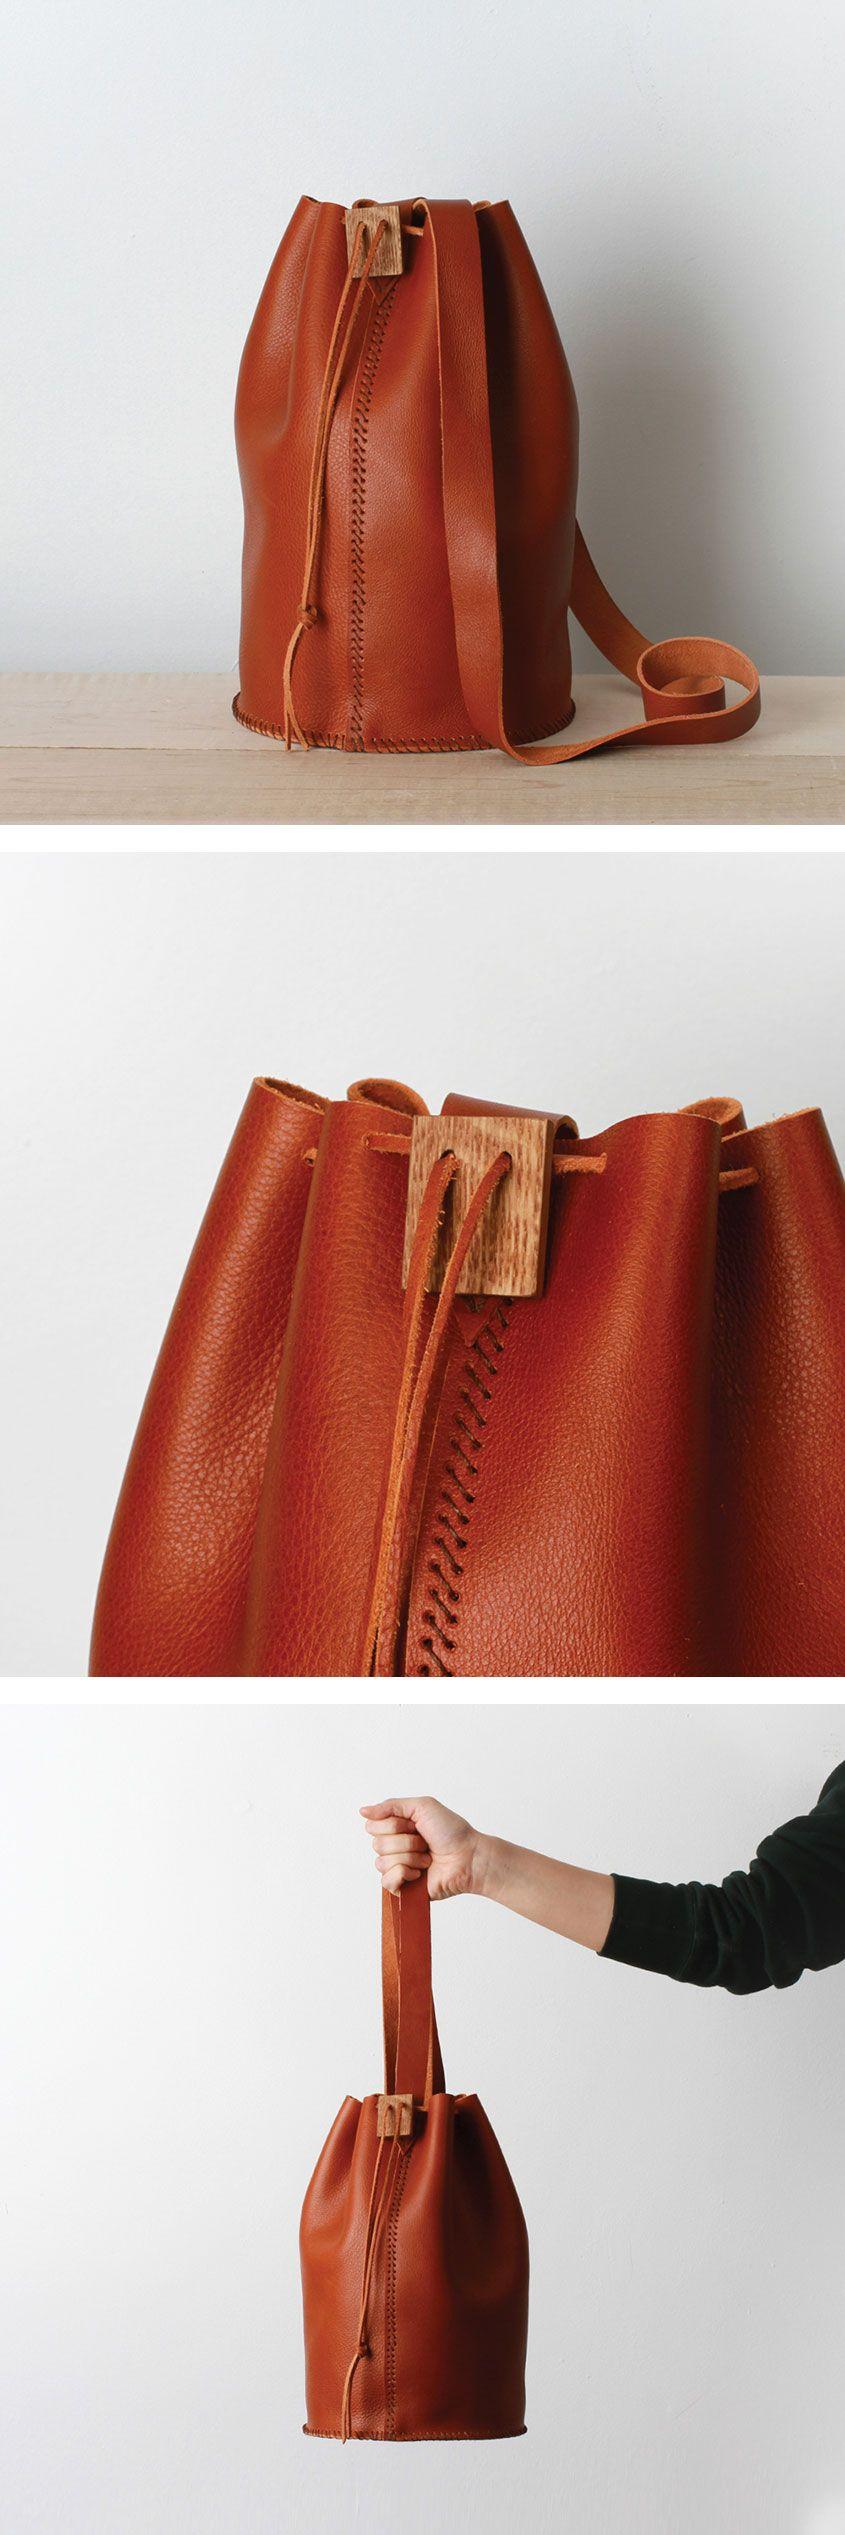 scarr handmade handgen htes leder accessoires. Black Bedroom Furniture Sets. Home Design Ideas